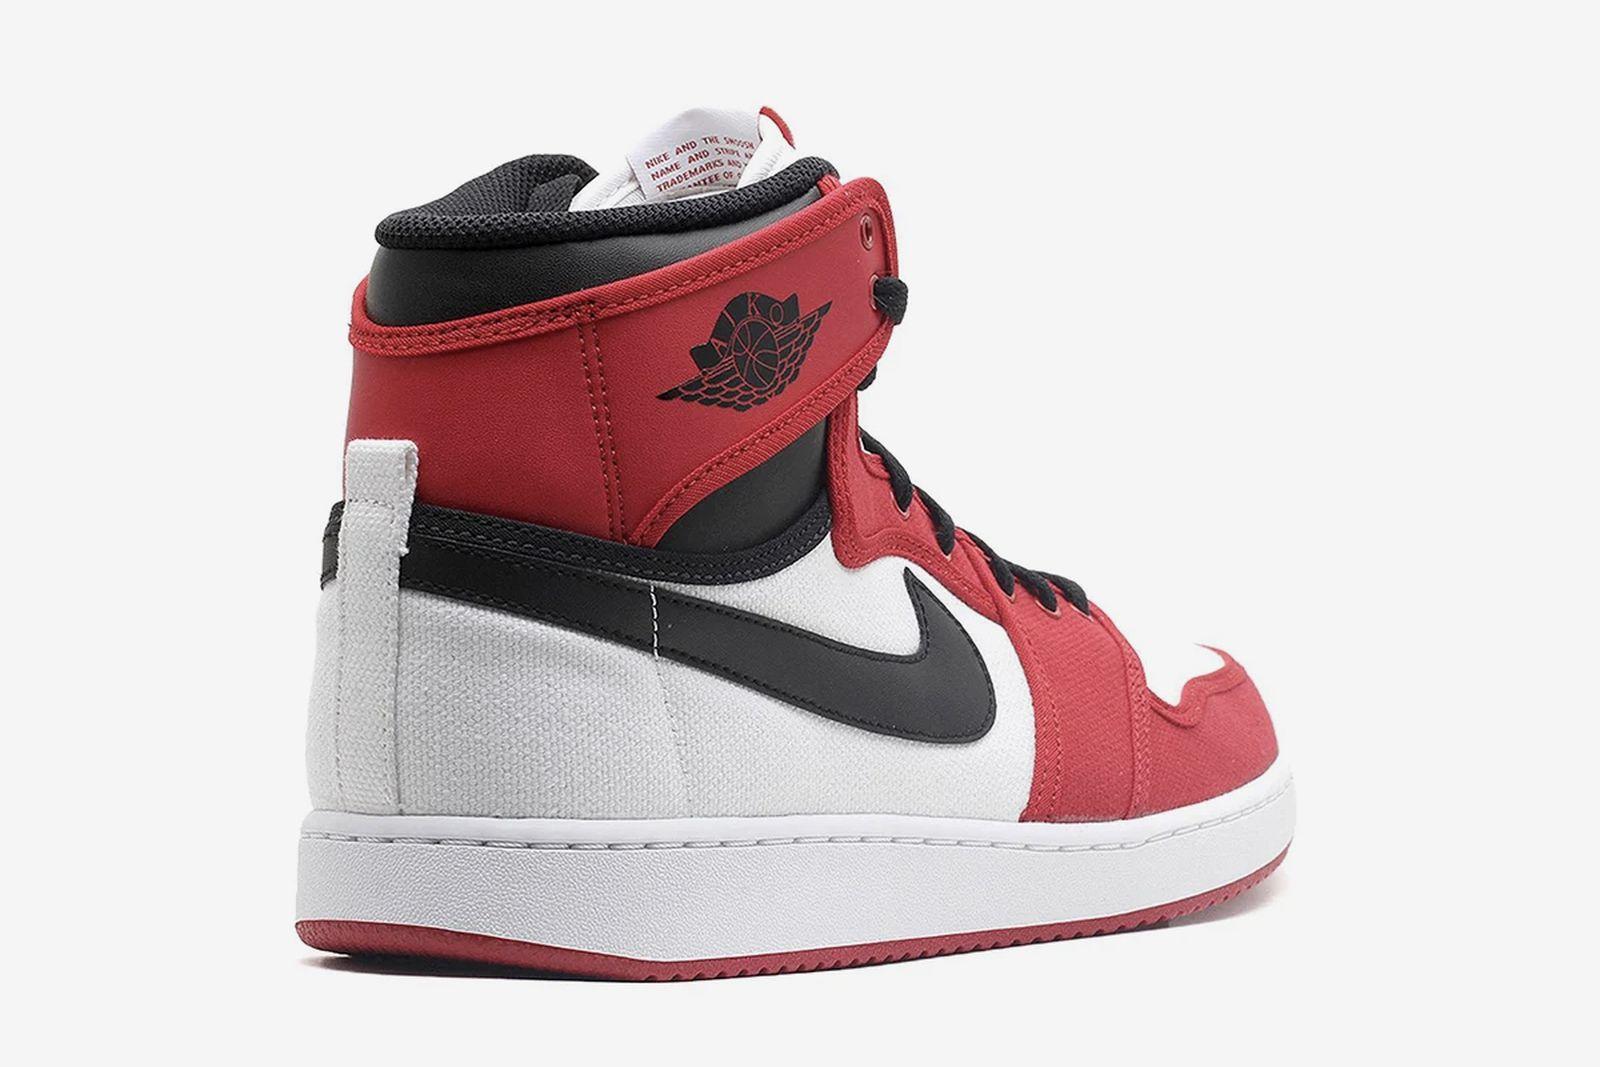 Nike Might Be Bringing Back the Air Jordan 1 KO in 2021